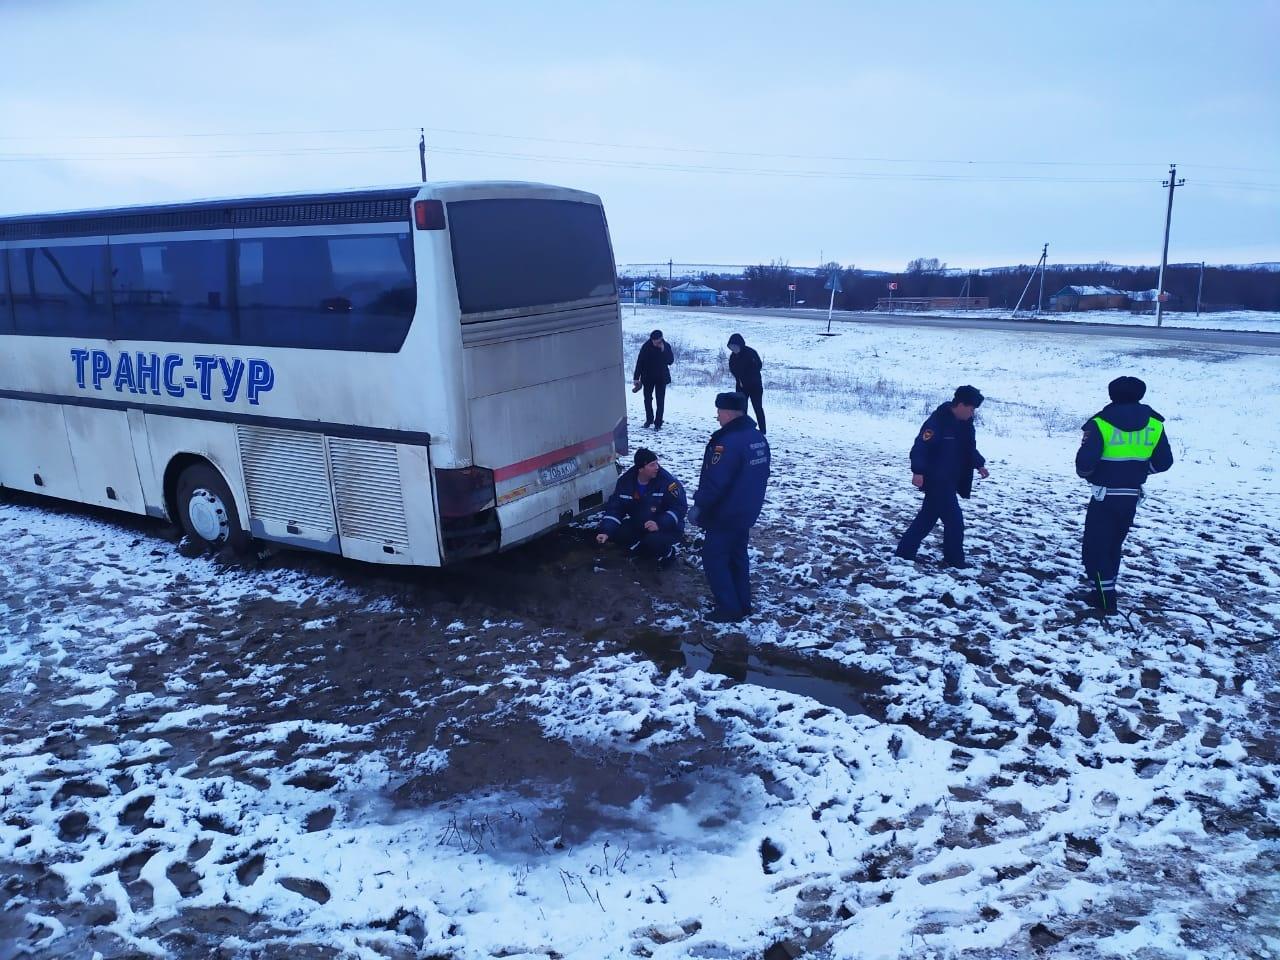 Пассажиры автобуса, съехавшего в кювет на автодороге Кашары-Морозовск, поблагодарили местные власти и МЧС